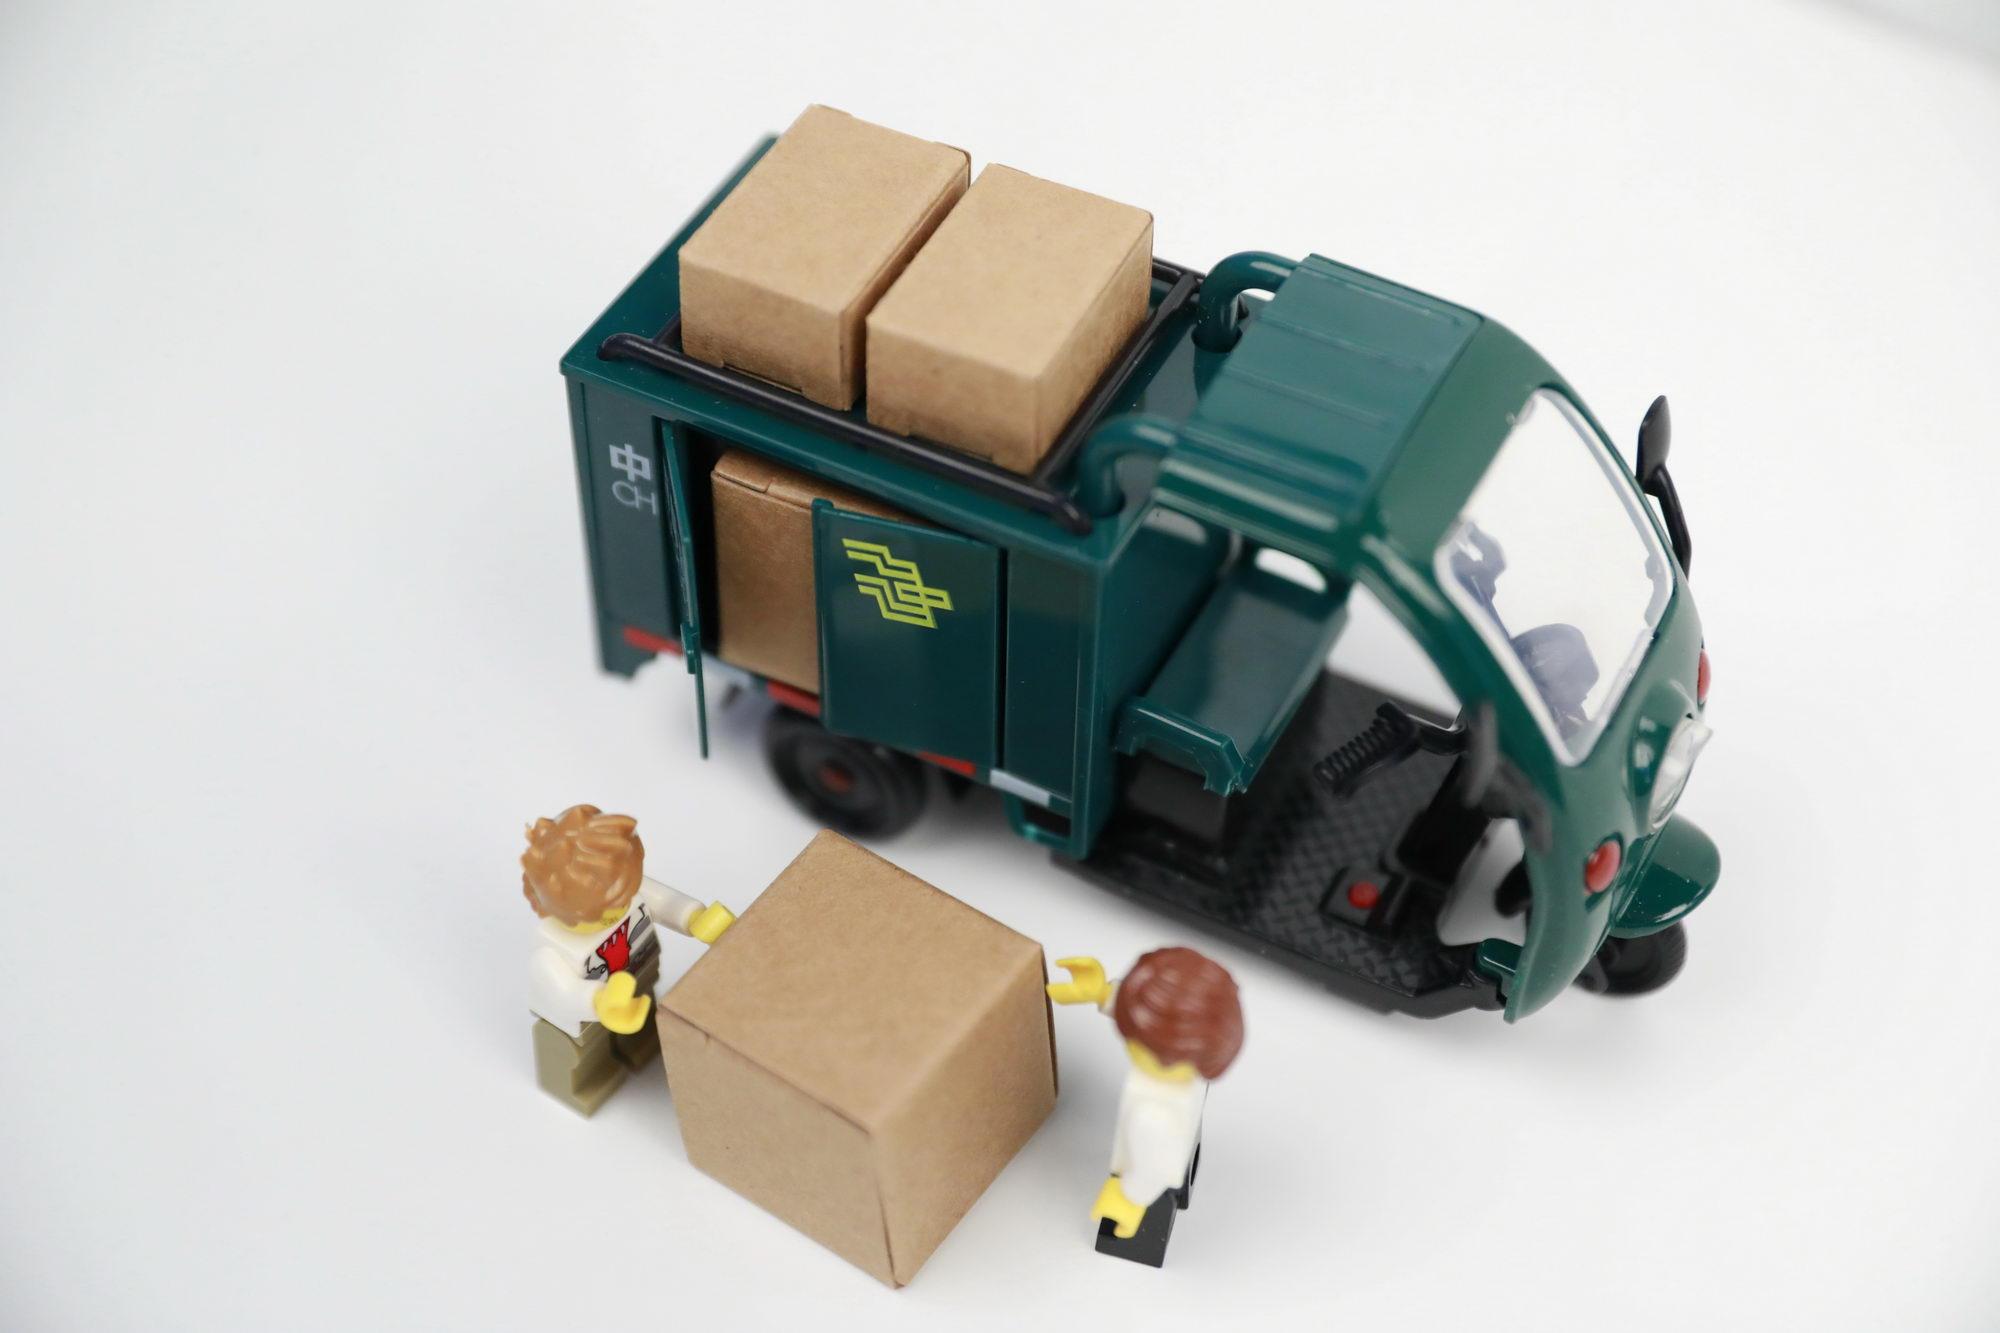 国家邮政局:预计双11日均快递业务量达4.9亿件_物流_电商报